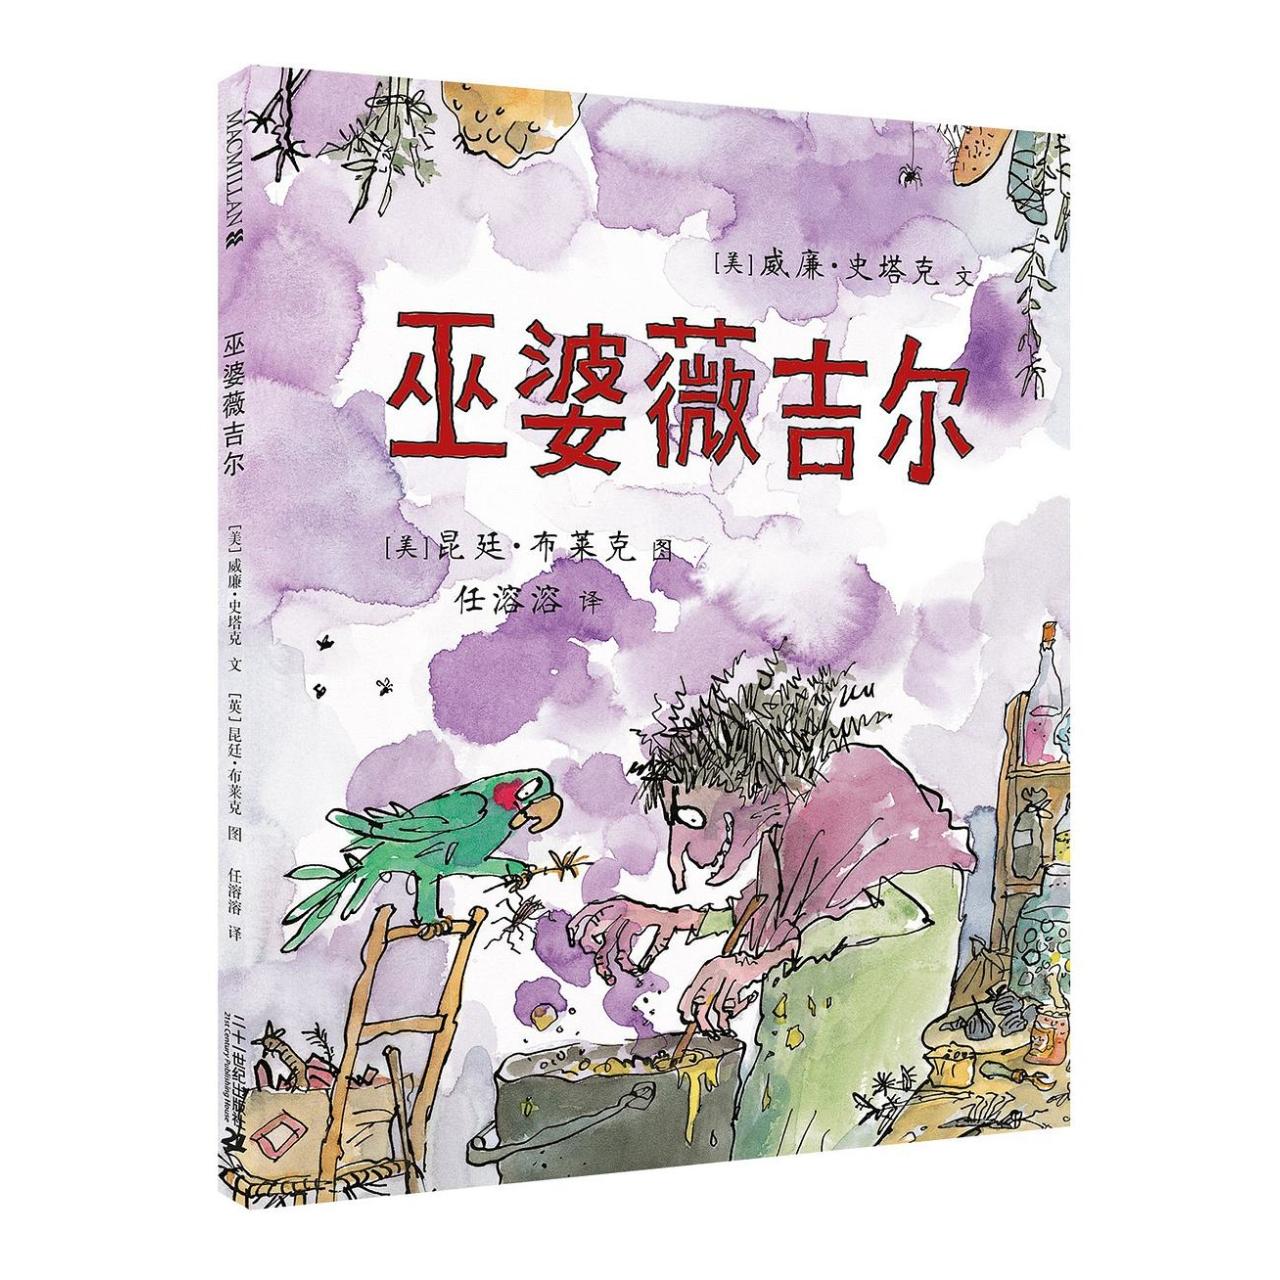 巫婆薇吉尔【儿童绘本/翻译绘本/童话故事】